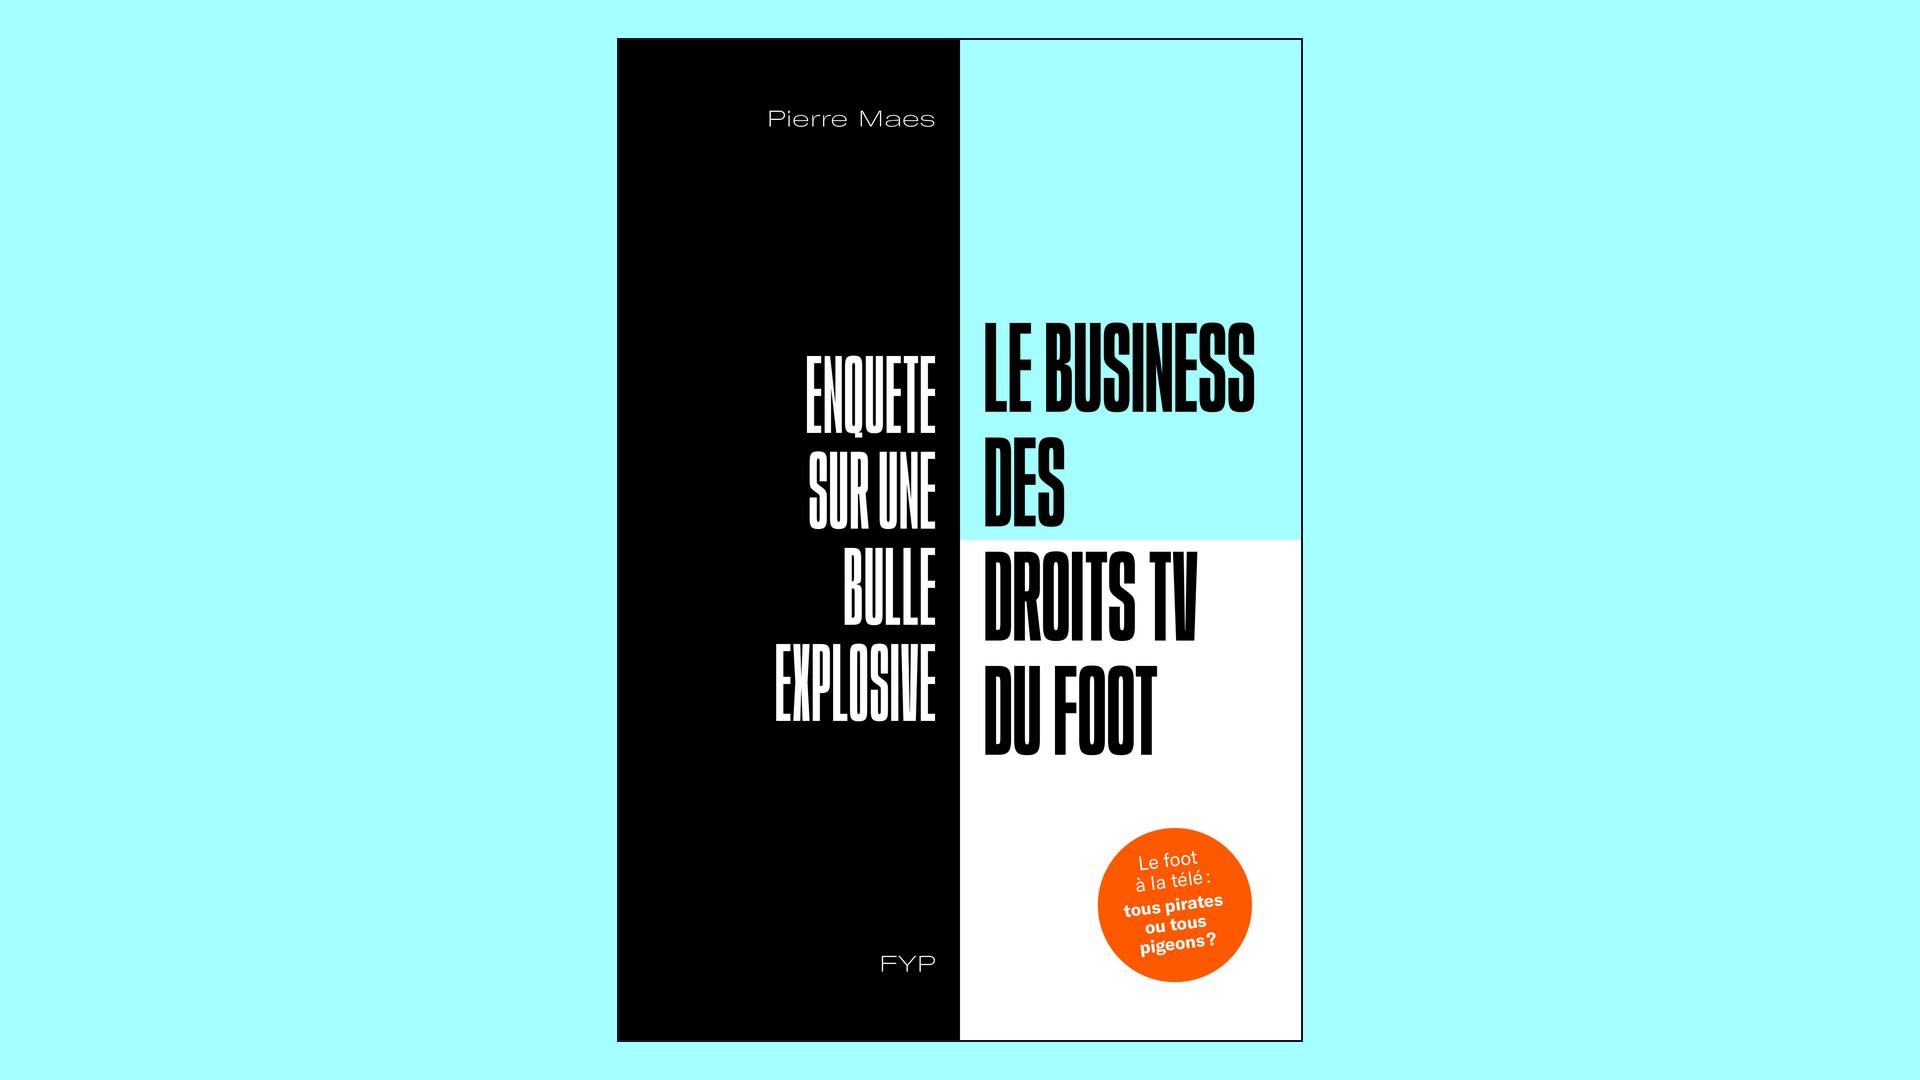 Livres – Le business des droits TV du foot – Pierre Maes (2019)